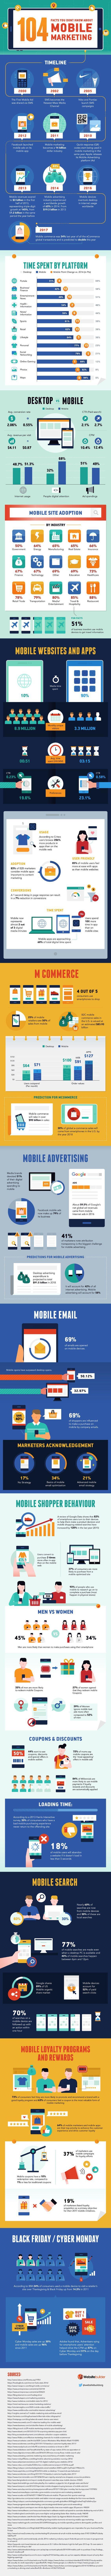 Инфографик со 104 фактами о мобильном маркетинге